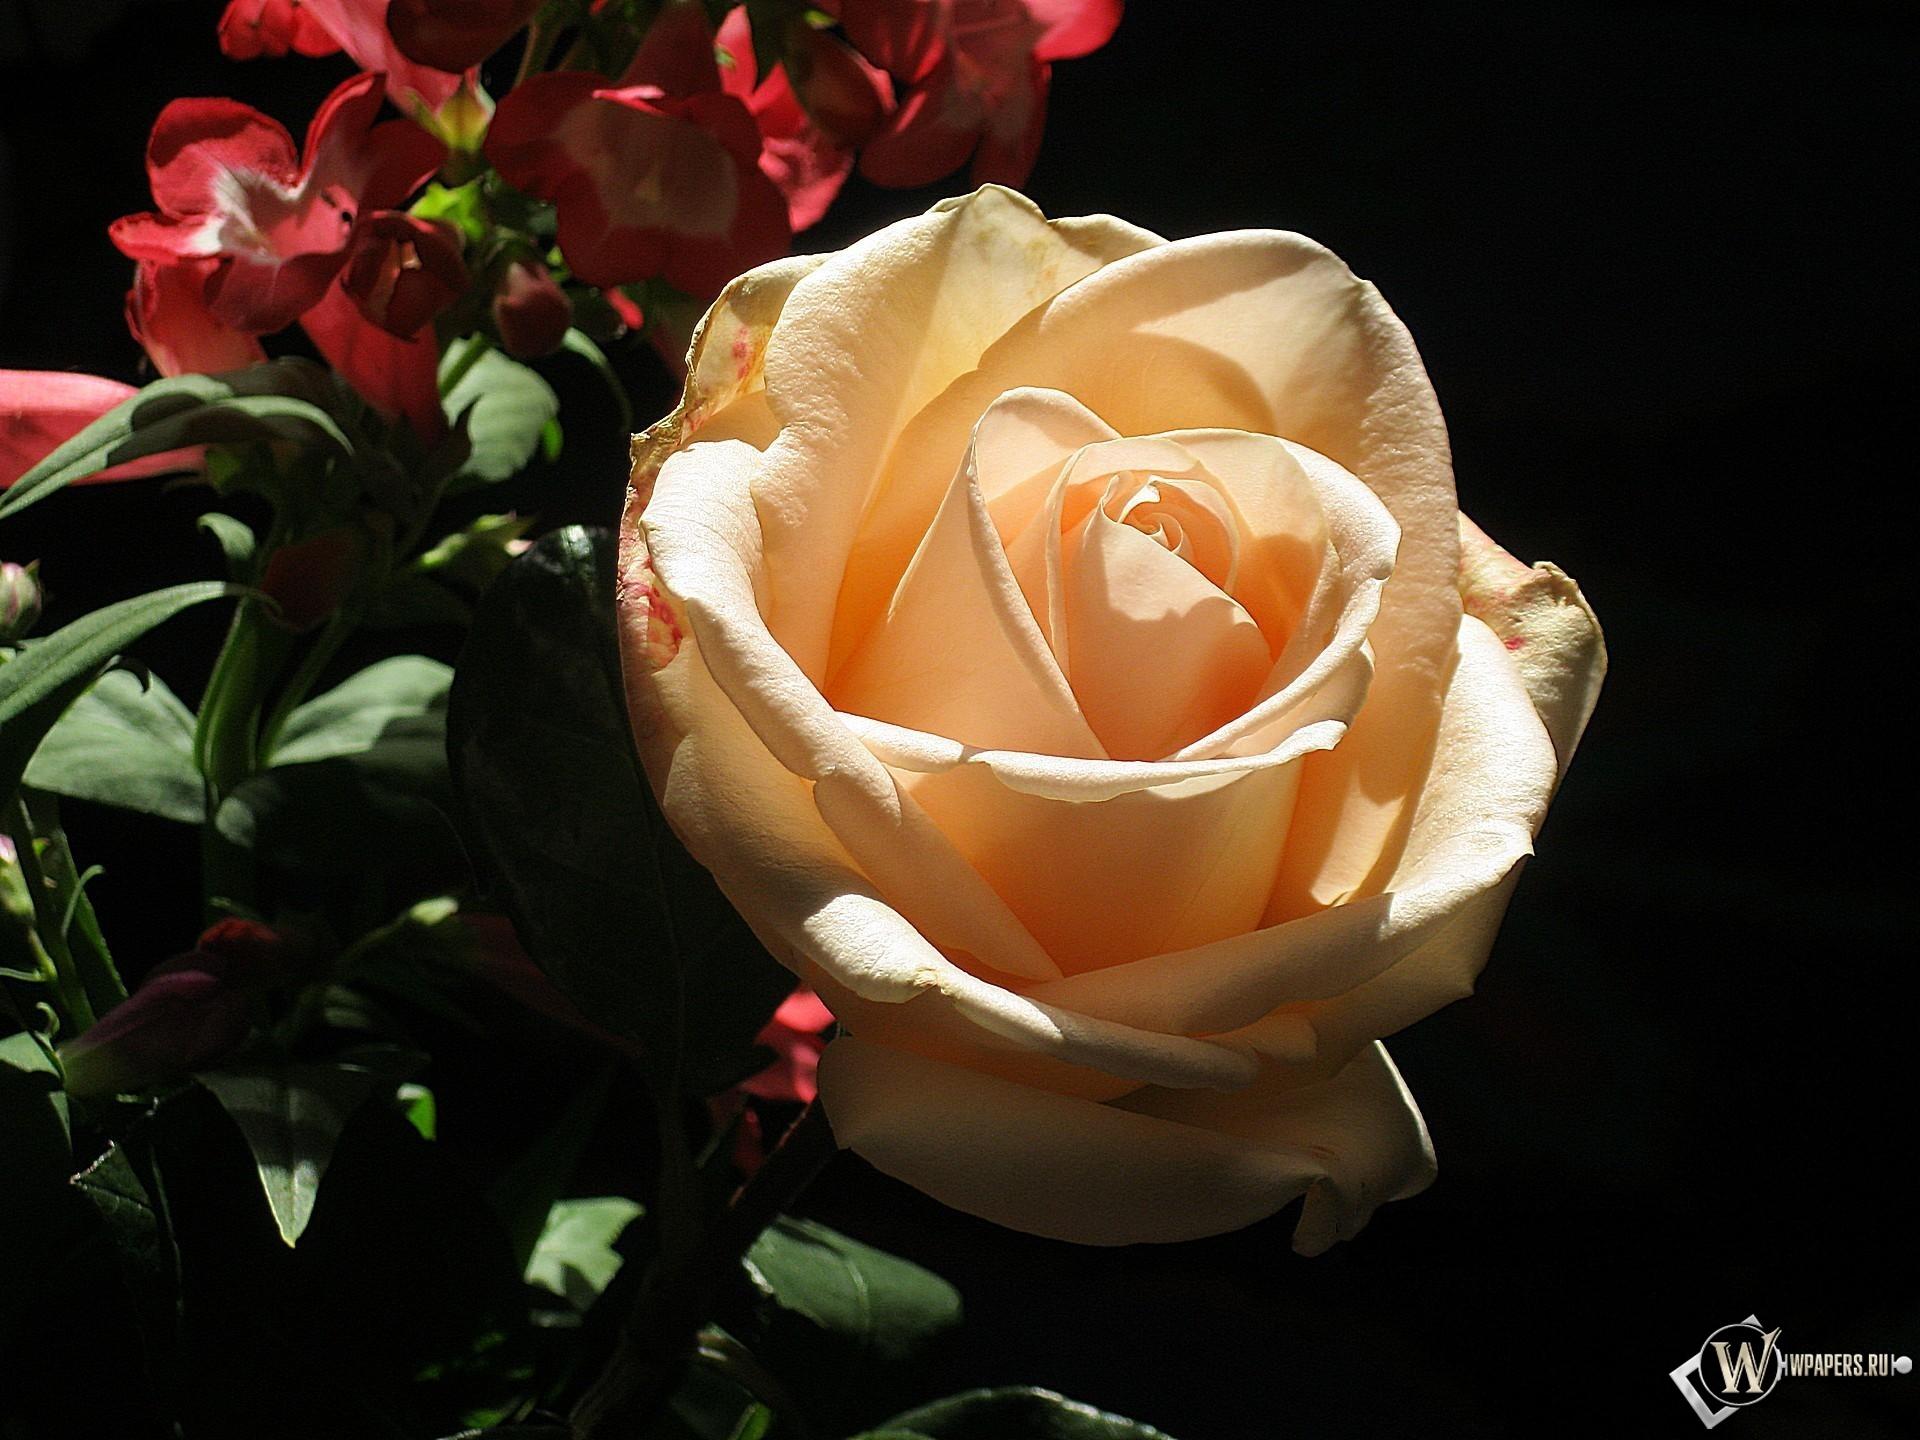 кремовая роза 1920x1440